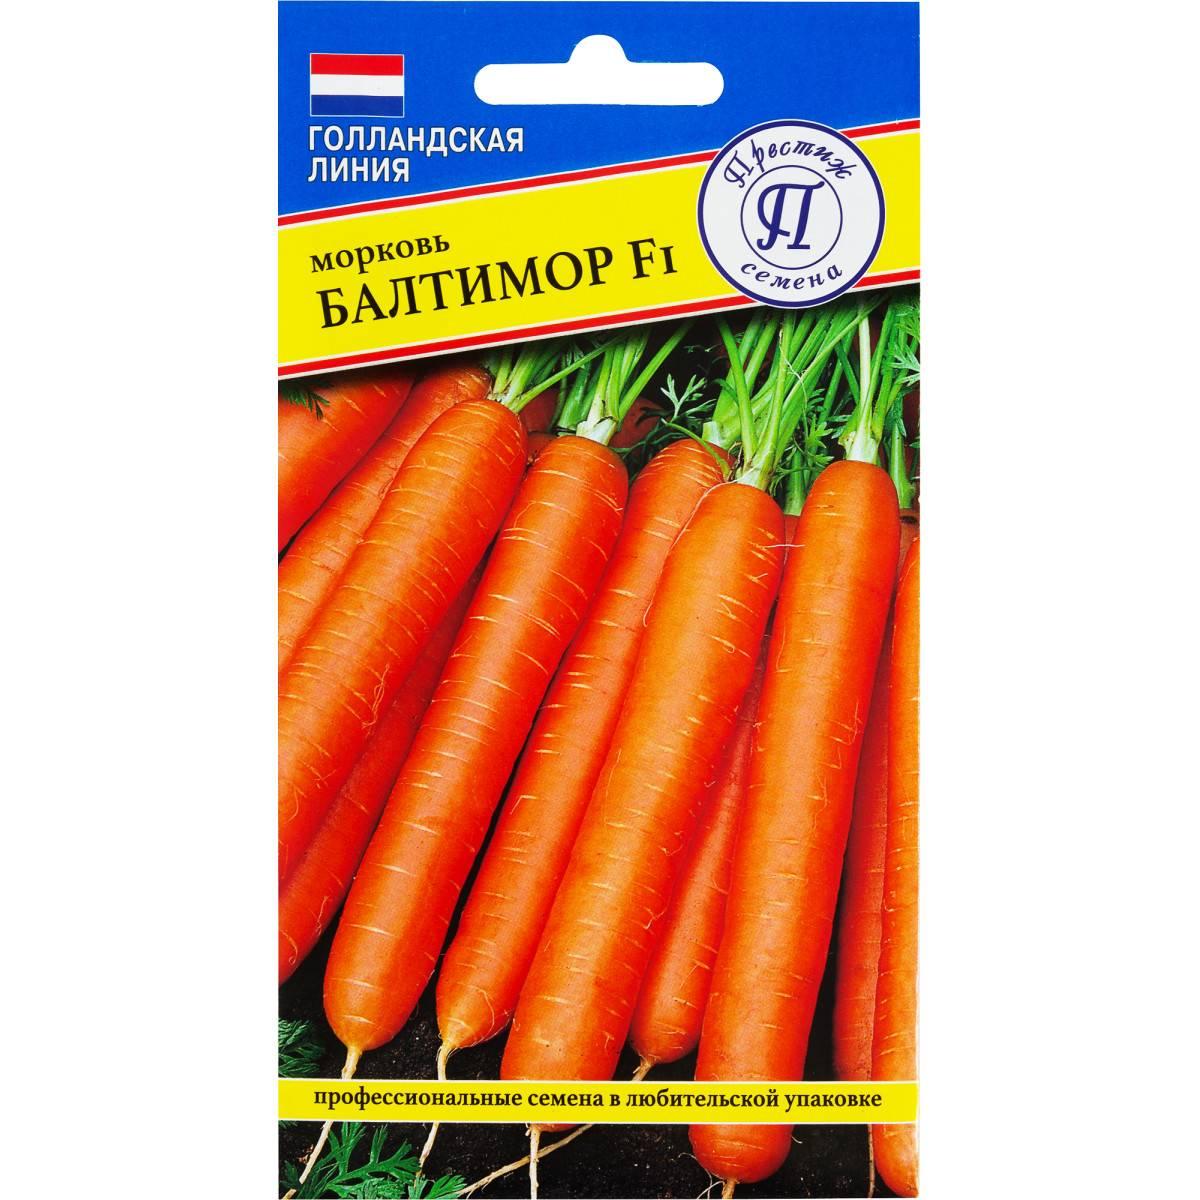 Какие сорта моркови вас порадовали? хочу купить семена.